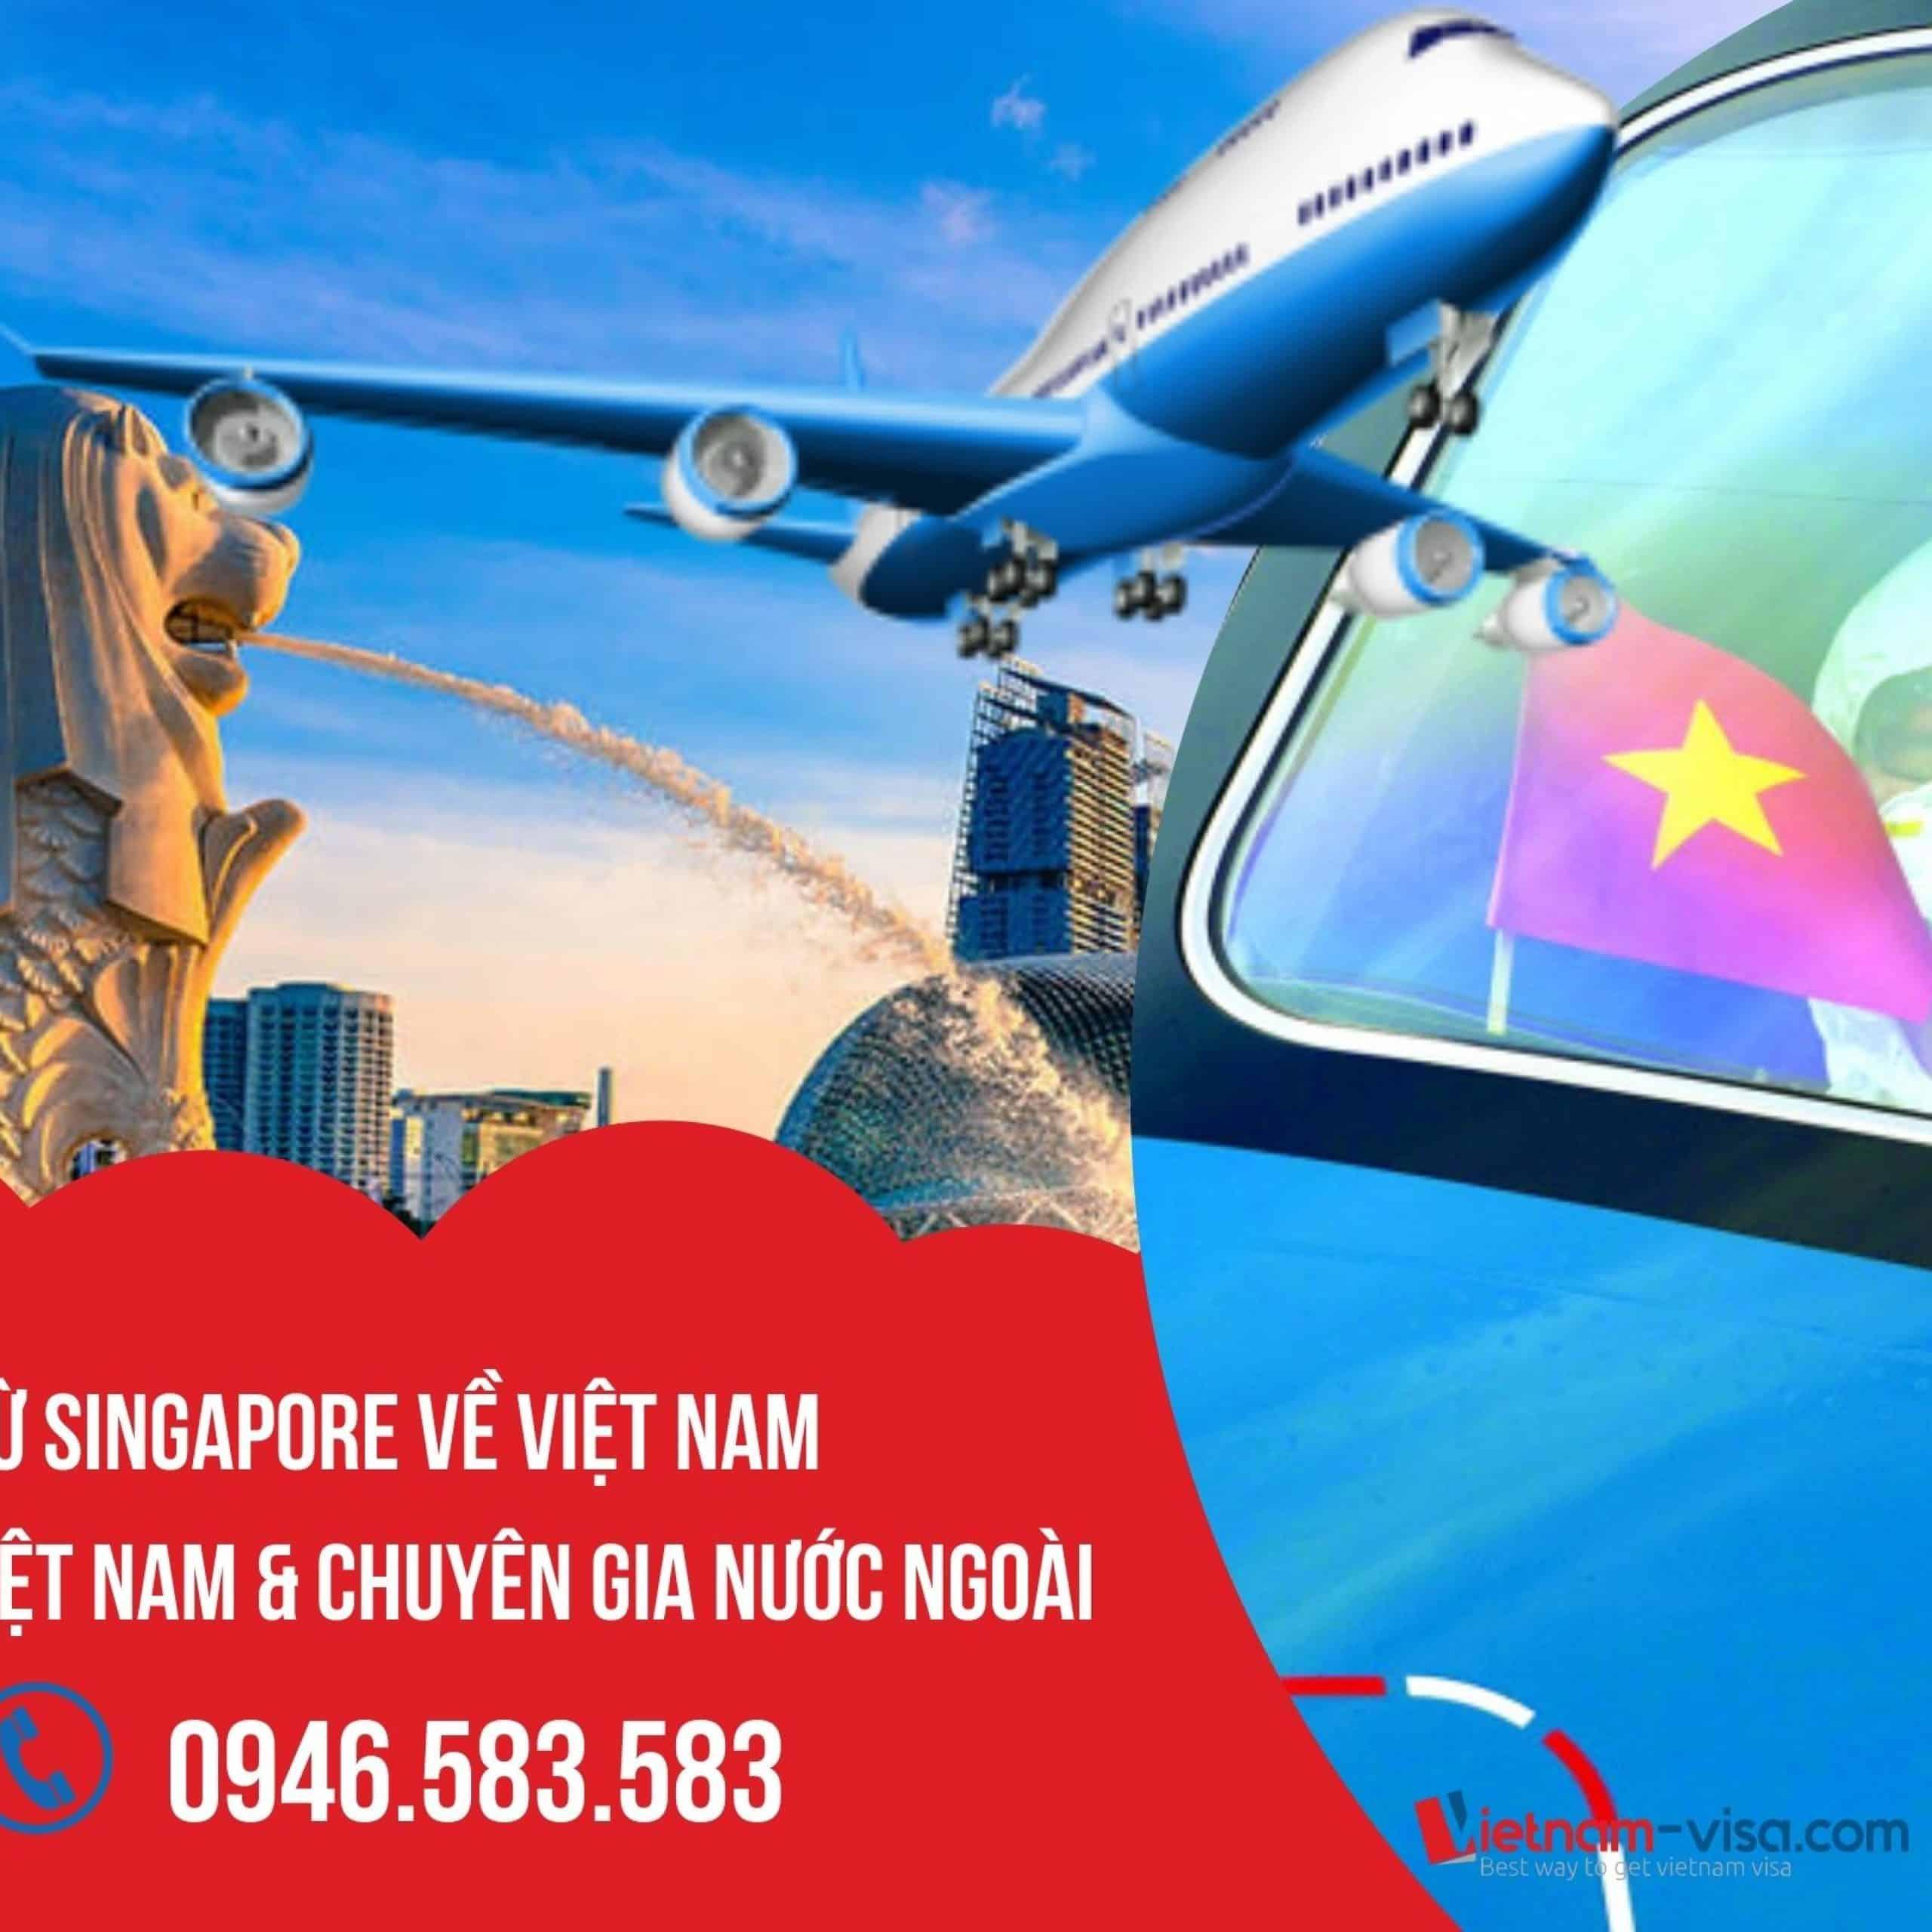 Vé máy bay từ Singapore về Việt Nam HÔM NAY – Lịch chuyến bay T10 & 11/2021